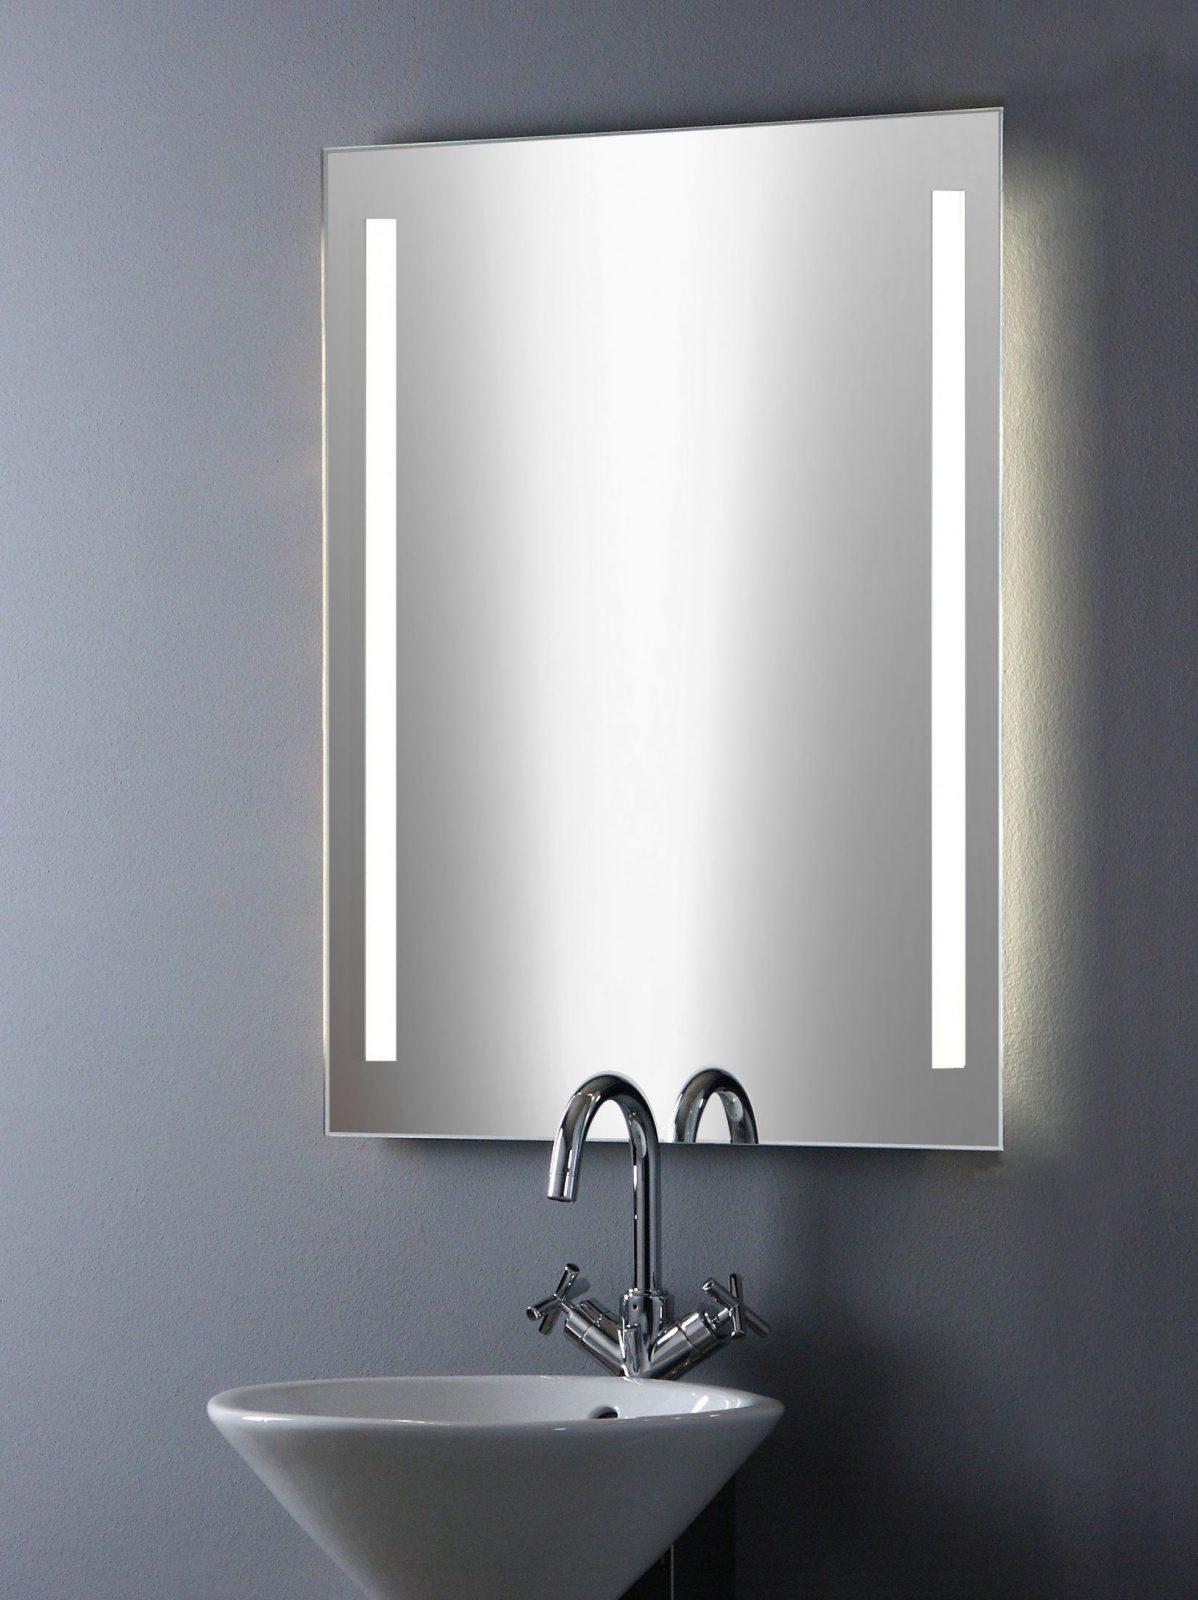 Badezimmer Spiegelschrank Beleuchtet Imagenesdesalud von Bad ...